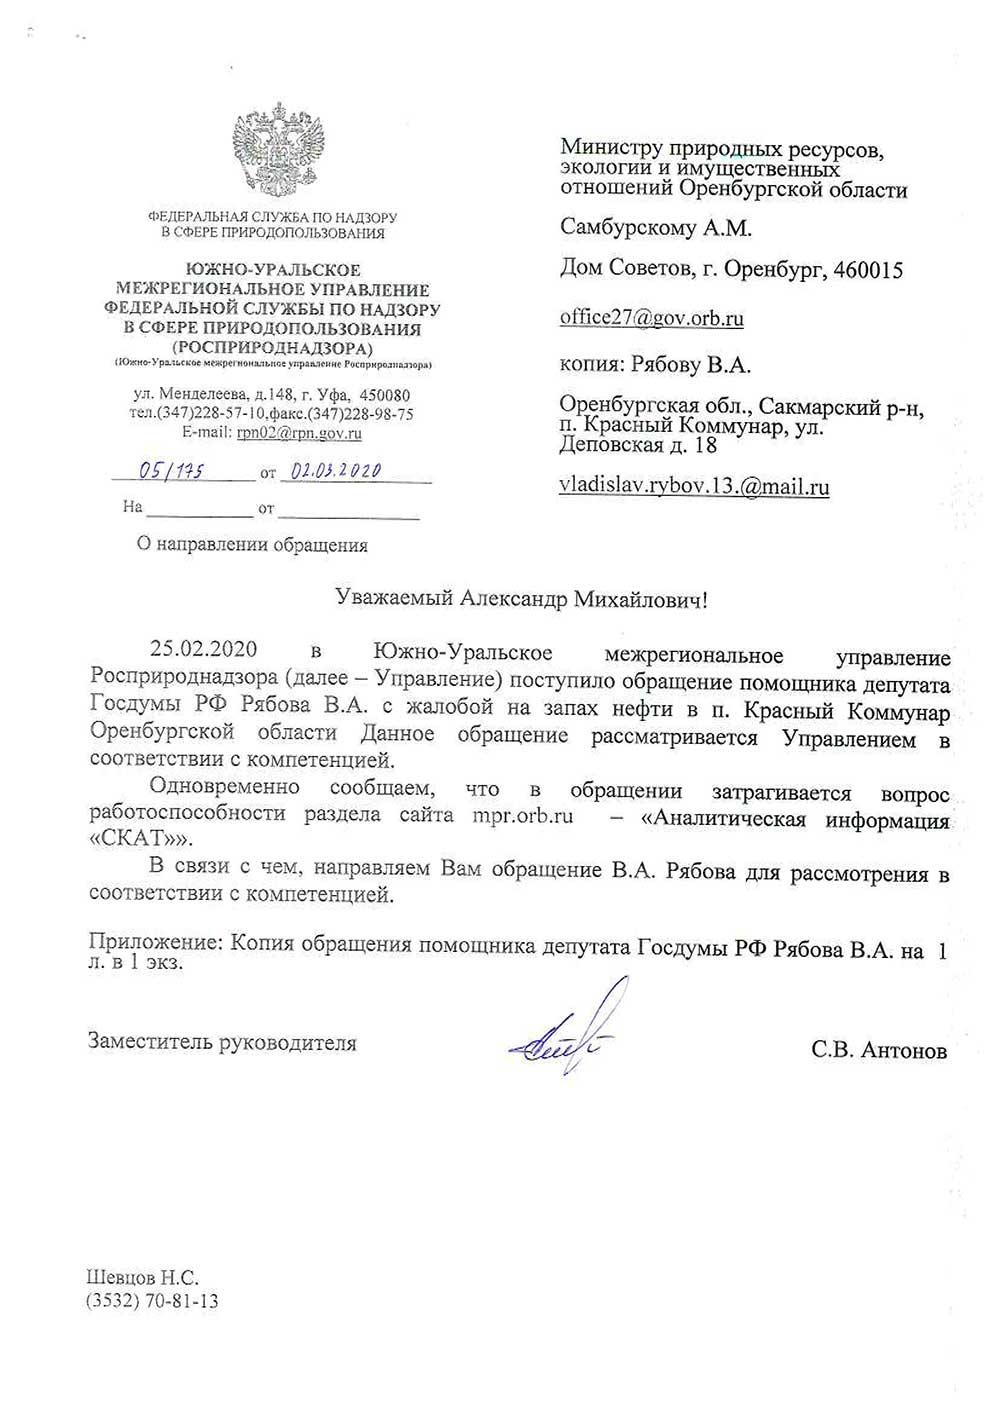 Обращение В.А. Рябова в Роспотребназдор 17.02.2020